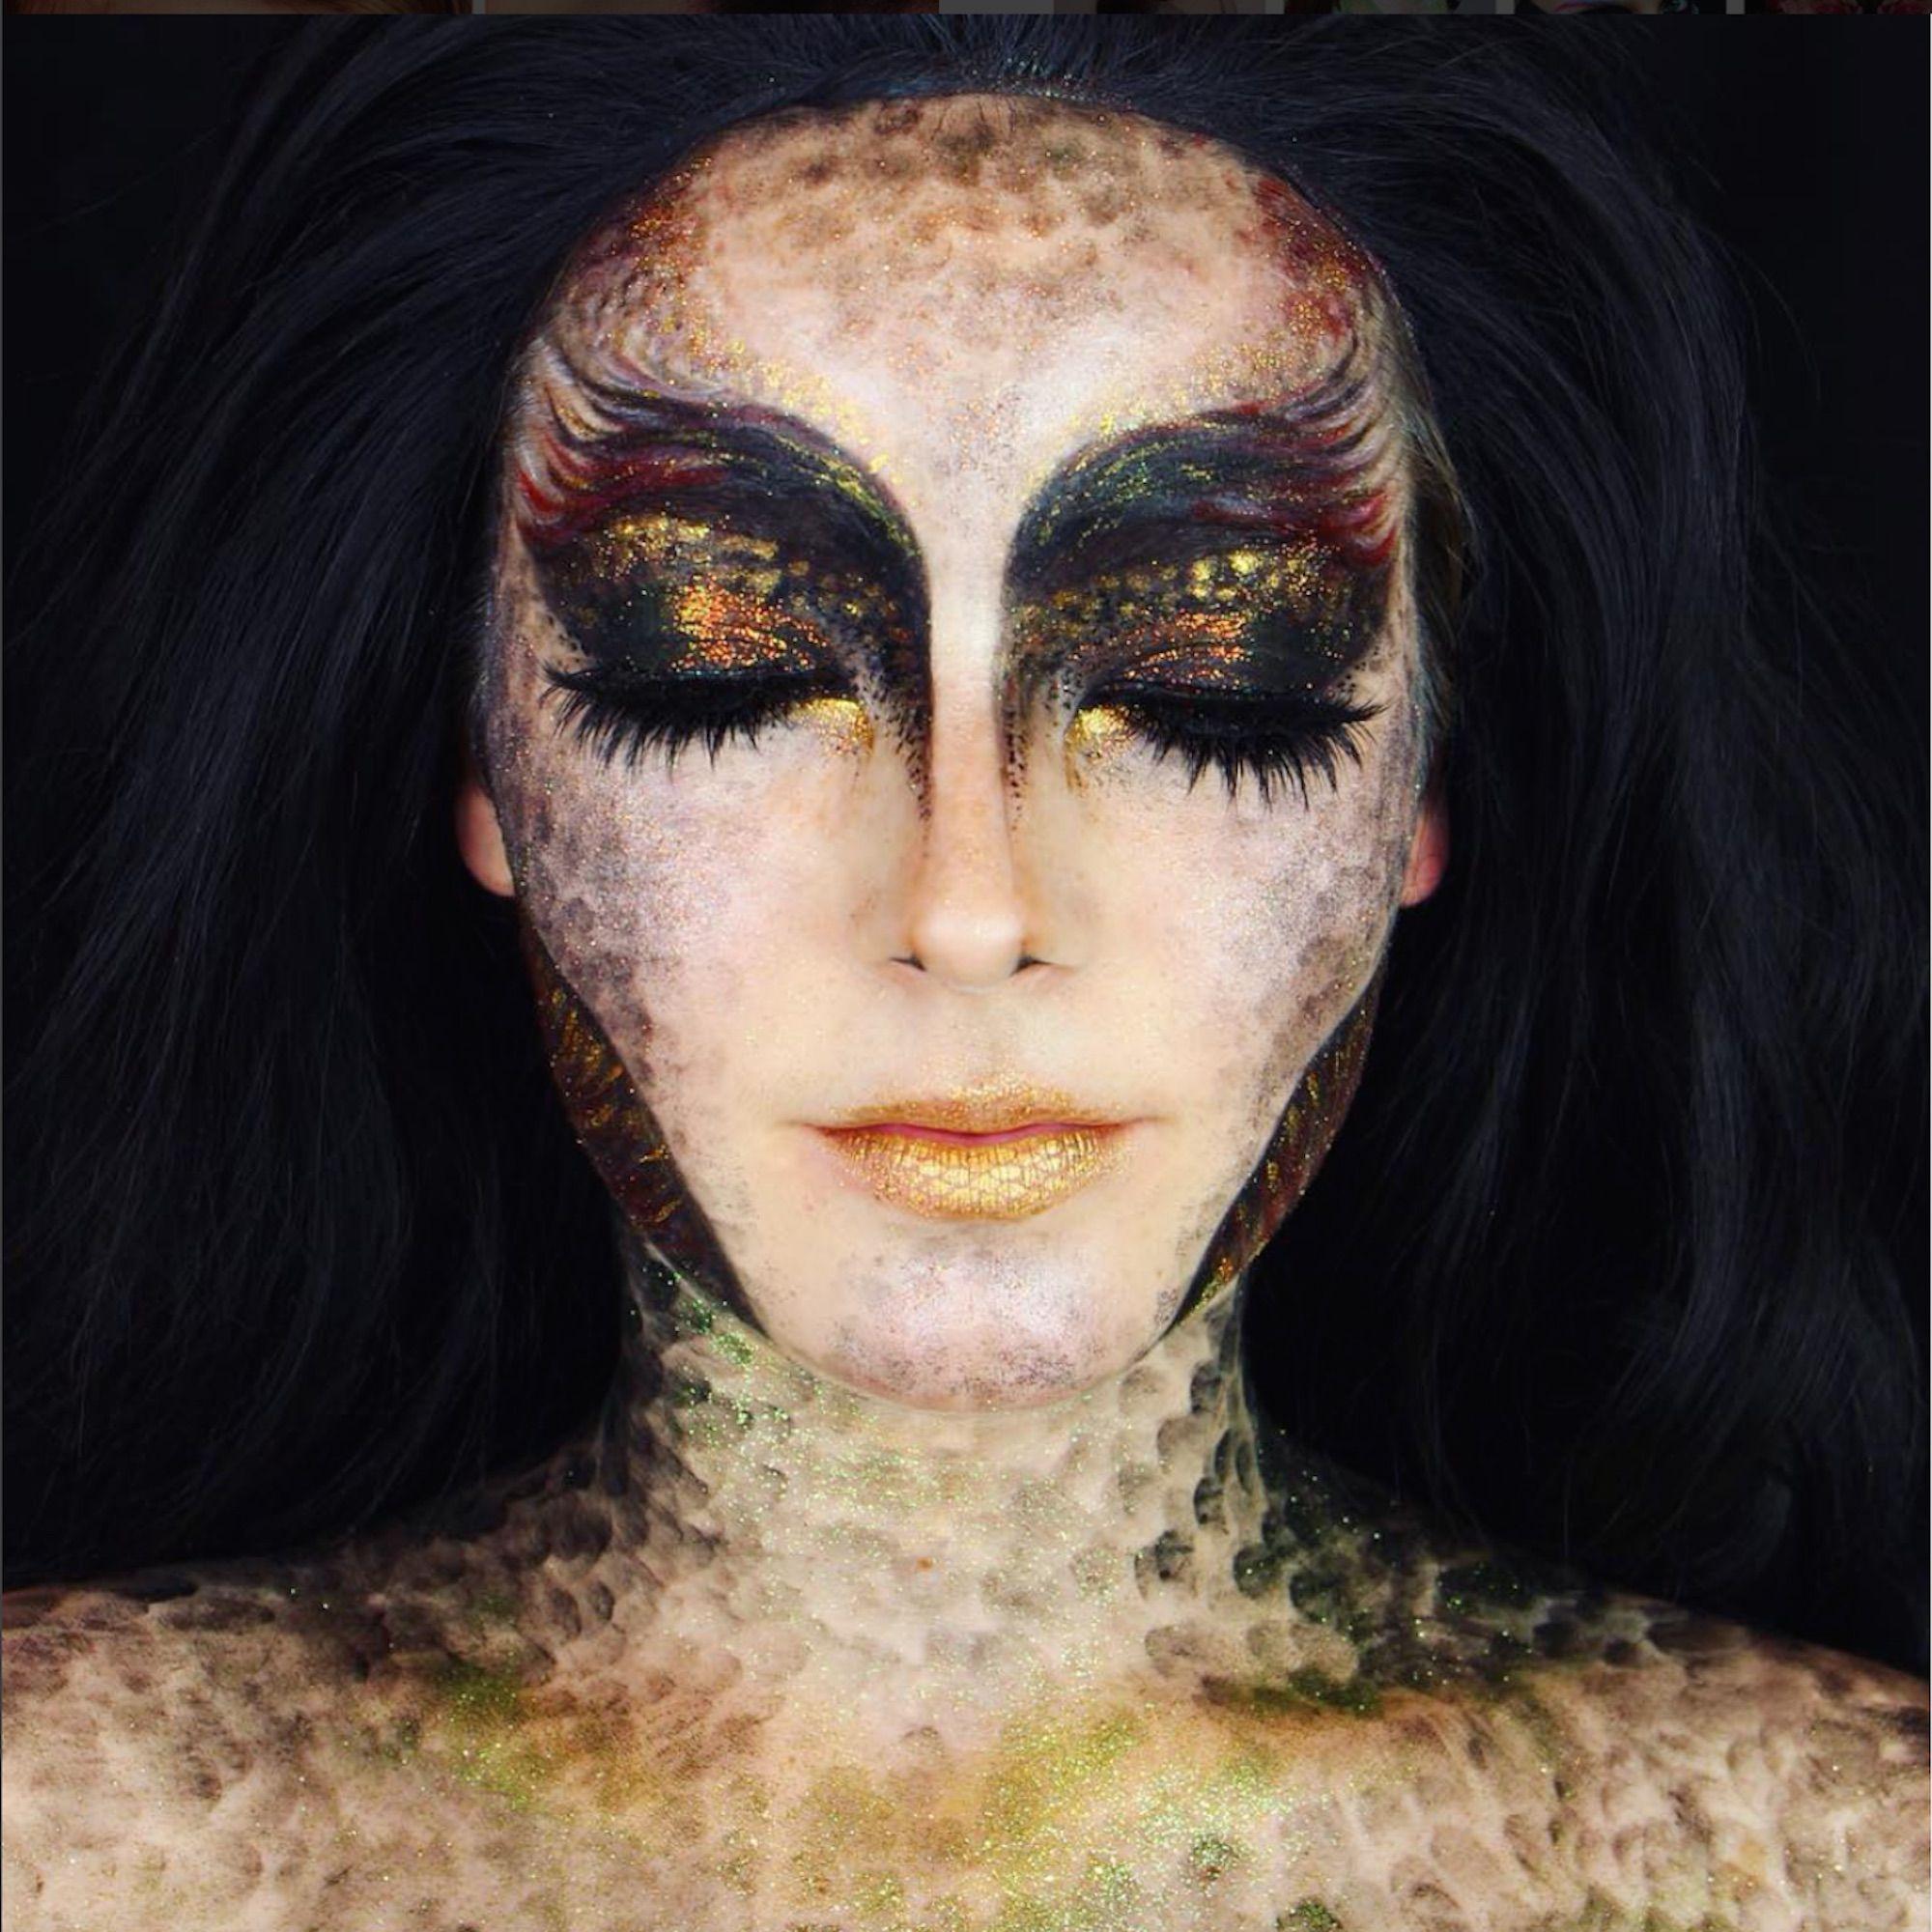 dragon face makeup beste awesome inspiration. Black Bedroom Furniture Sets. Home Design Ideas